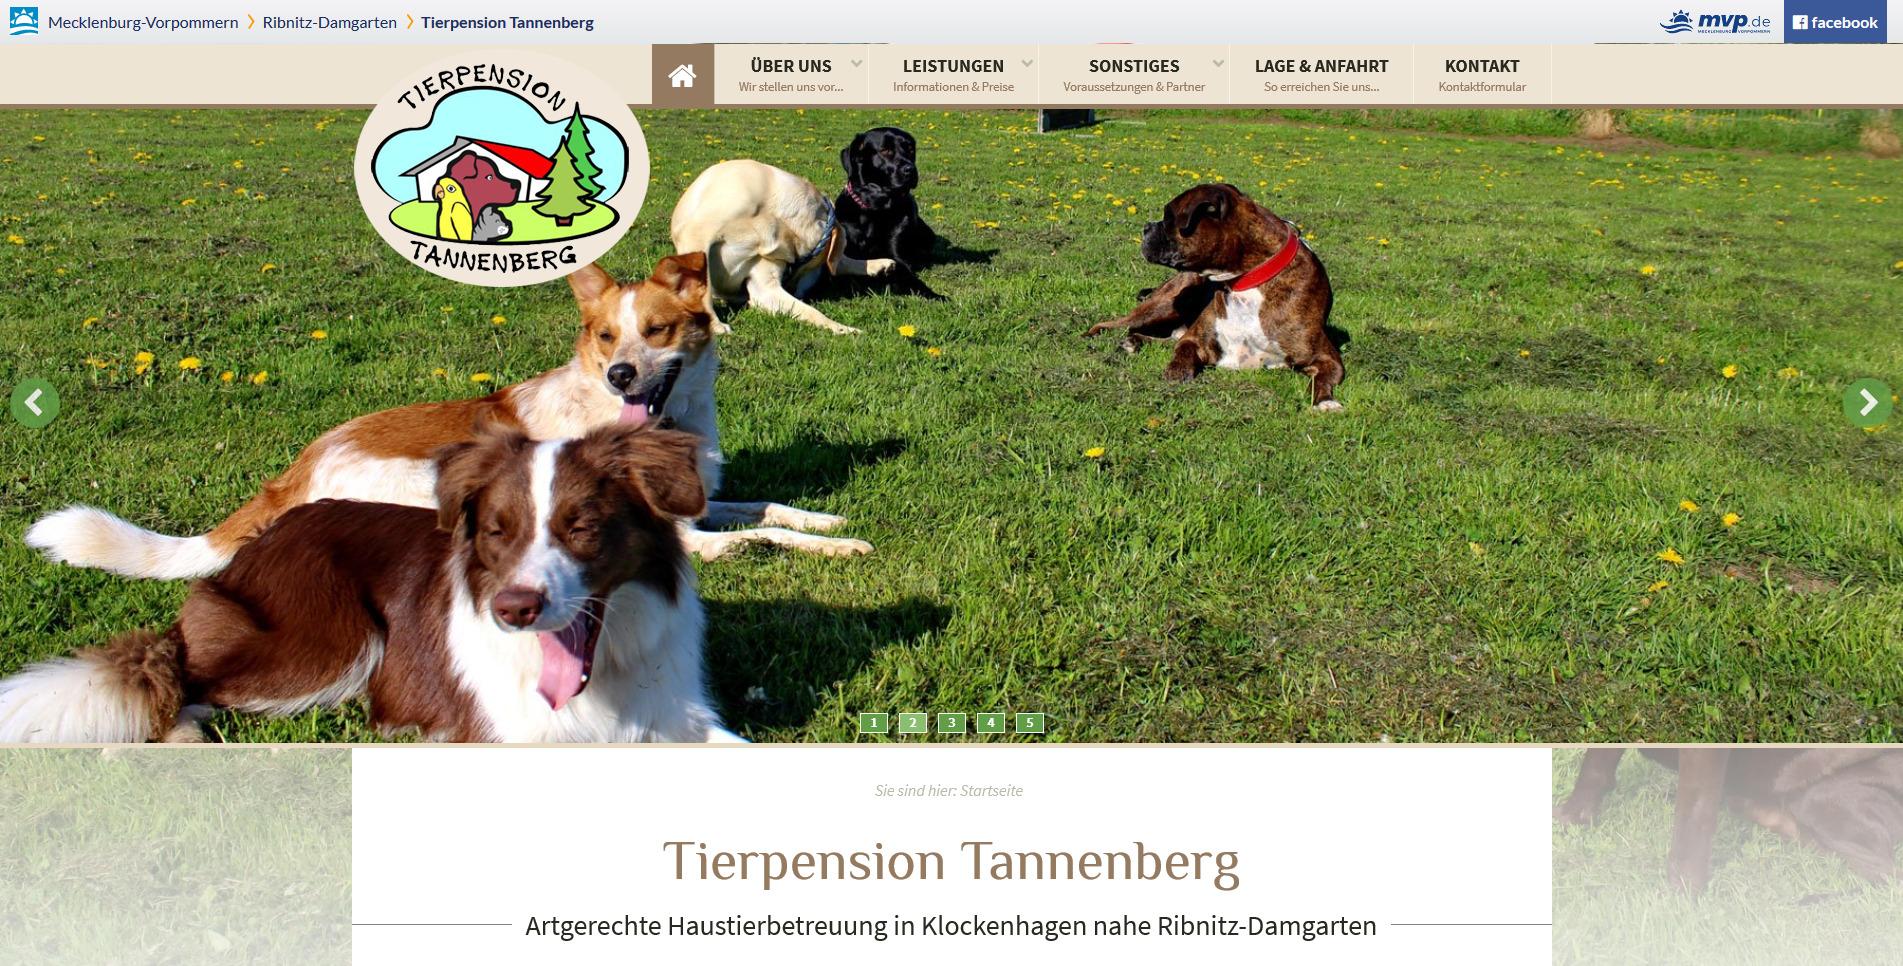 Tierpension Tannenberg